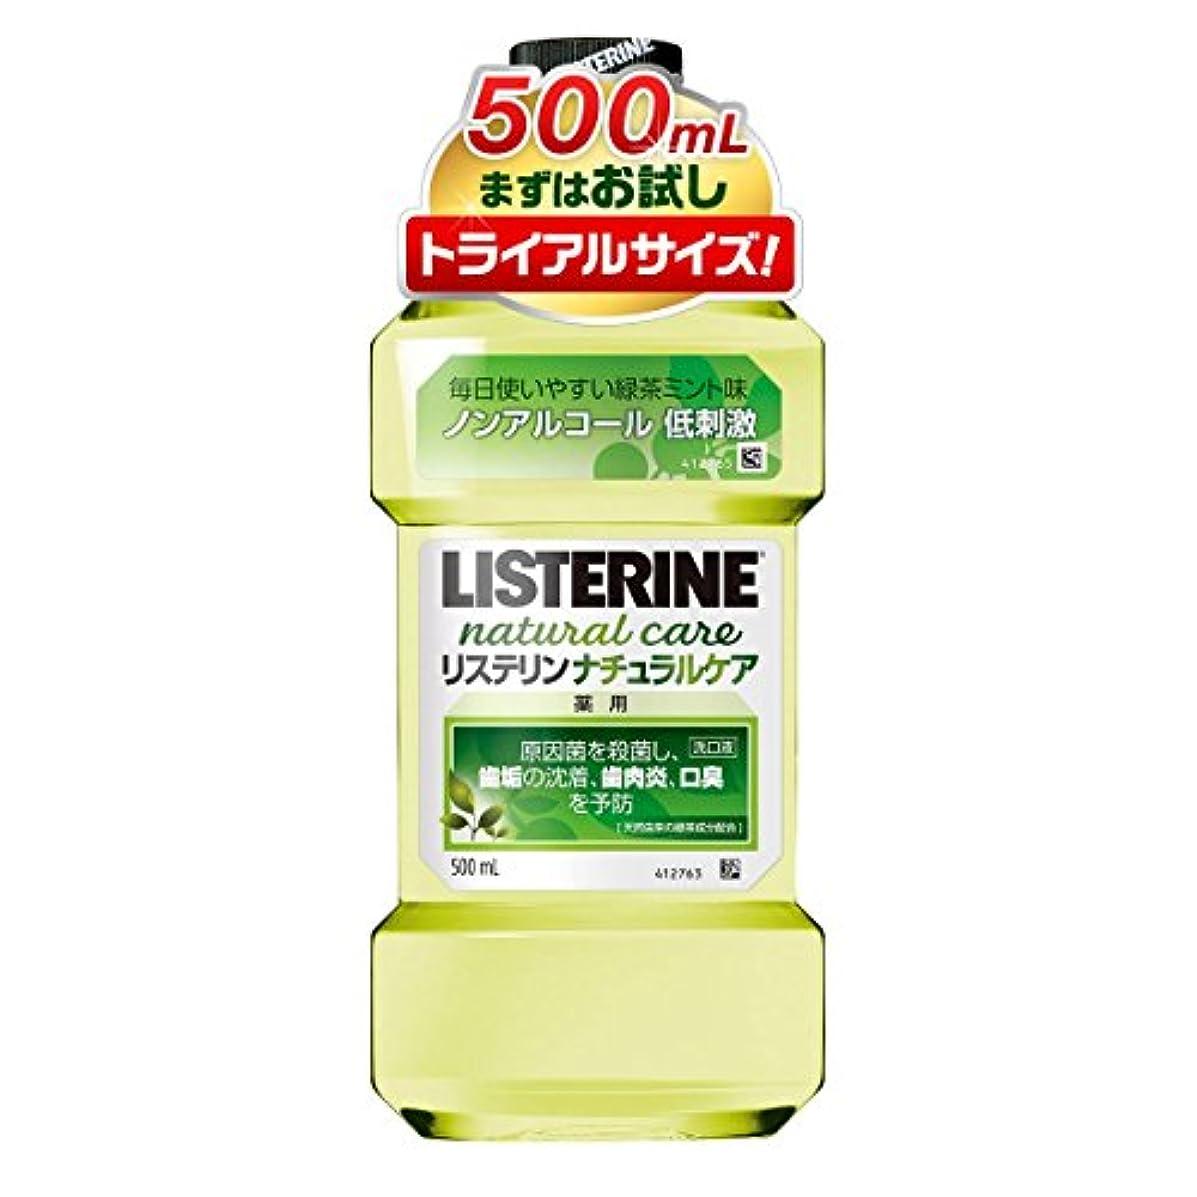 バナーファントムマインド[医薬部外品] 薬用 リステリン マウスウォッシュ ナチュラルケア 500mL ノンアルコールタイプ